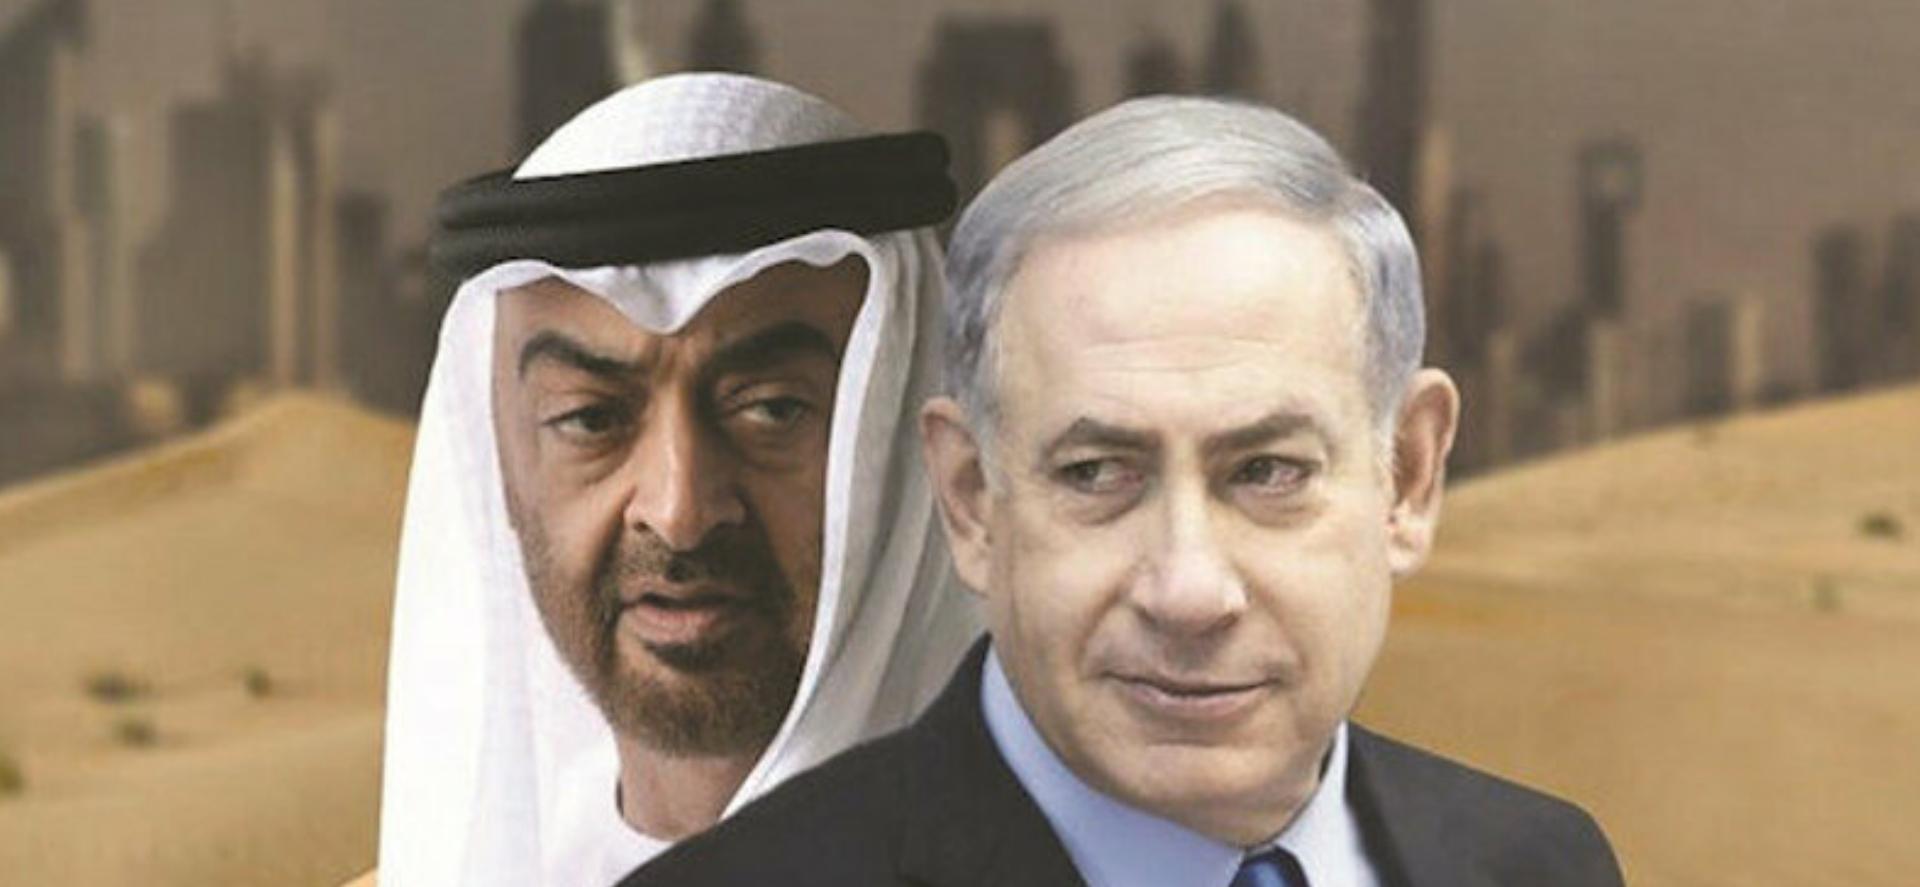 'İsrail ile normalleşen BAE, aradığı saygıyı bulamadı'